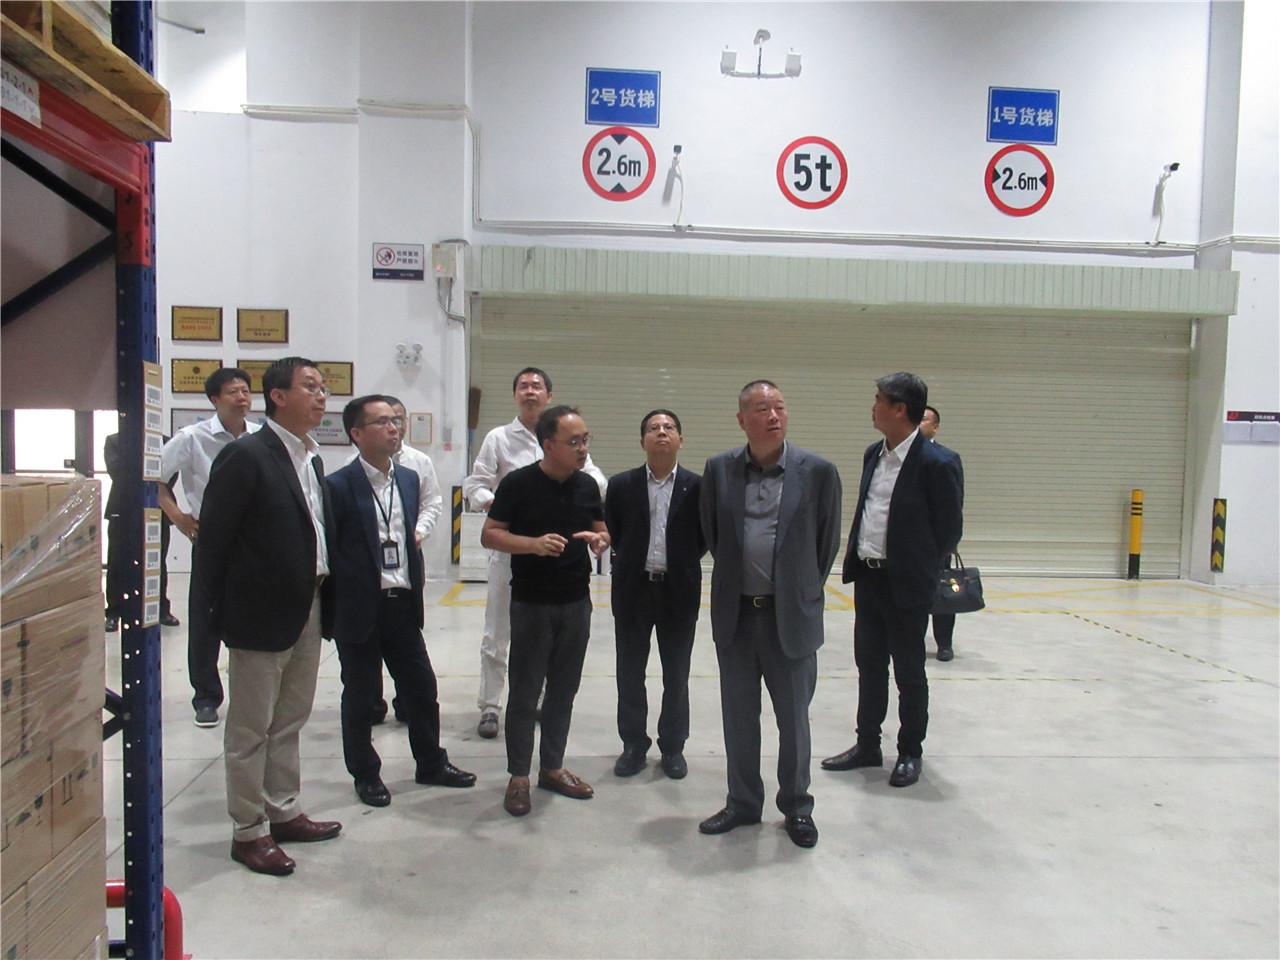 香港高银集团主席潘苏通一行莅临我司前海酒库进行参观考察